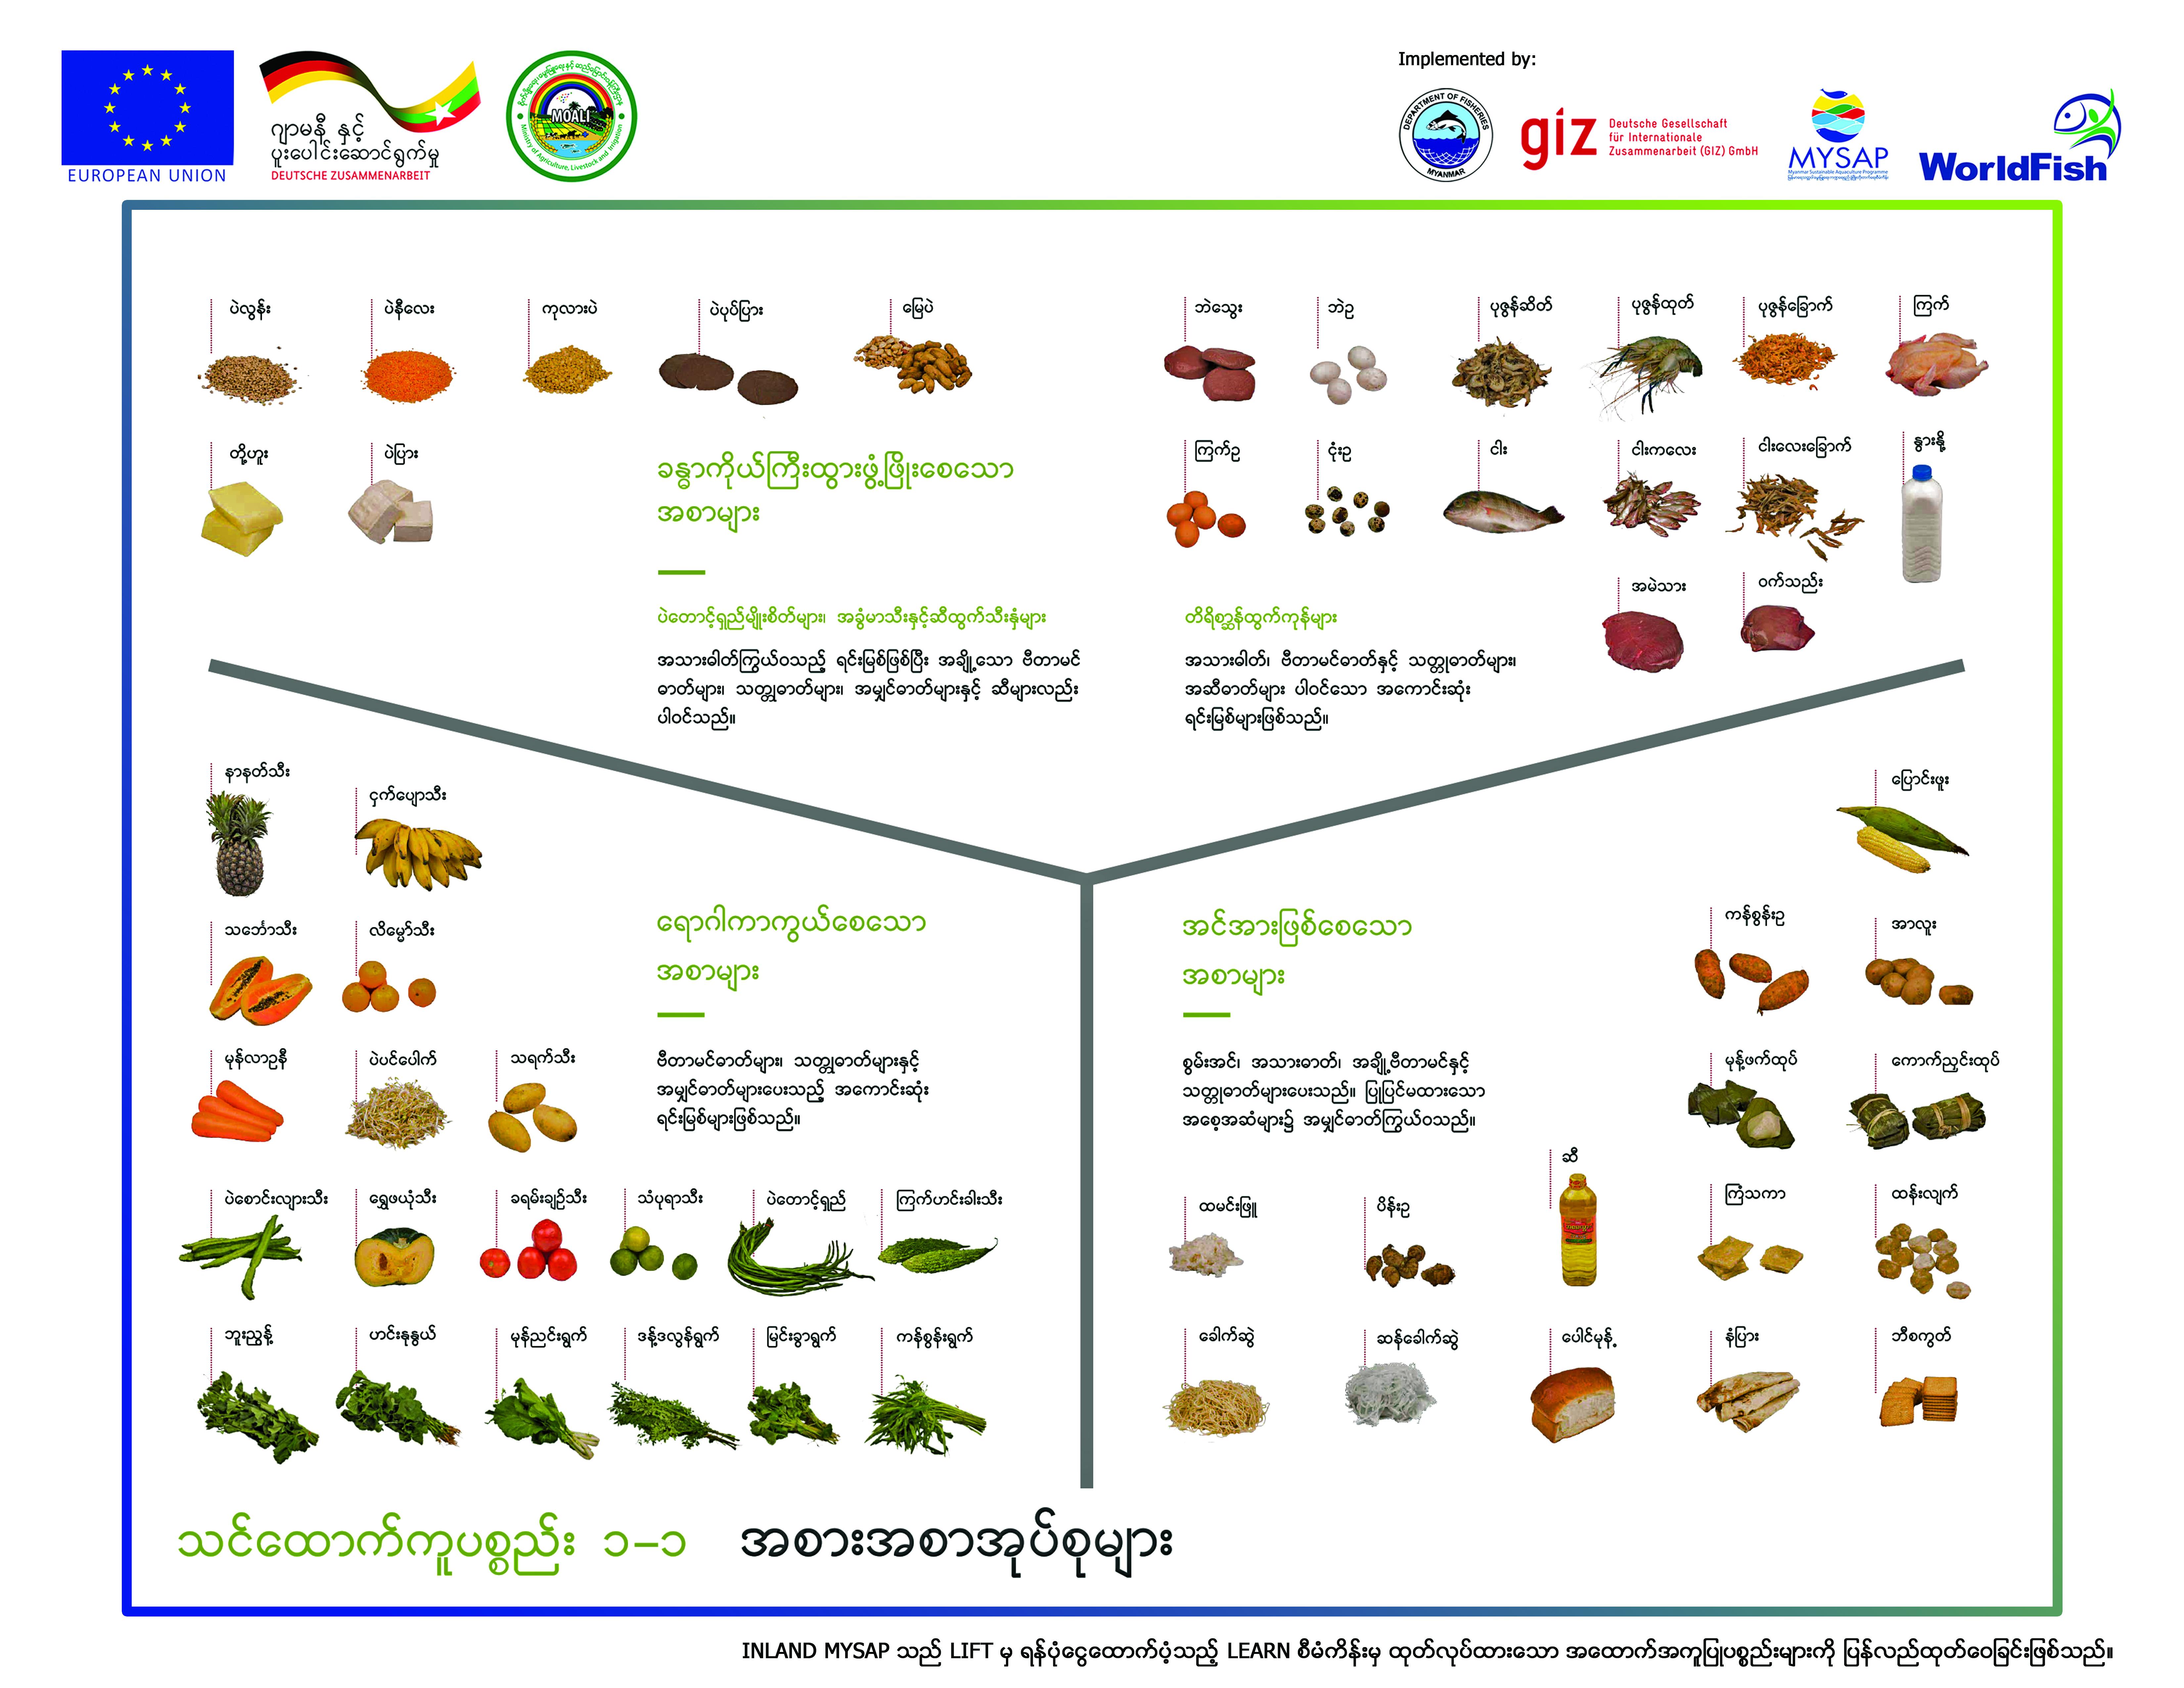 သင့်တင့်မျှတအောင်စားသုံးသင့်သော အစားအစာအုပ်စုများ